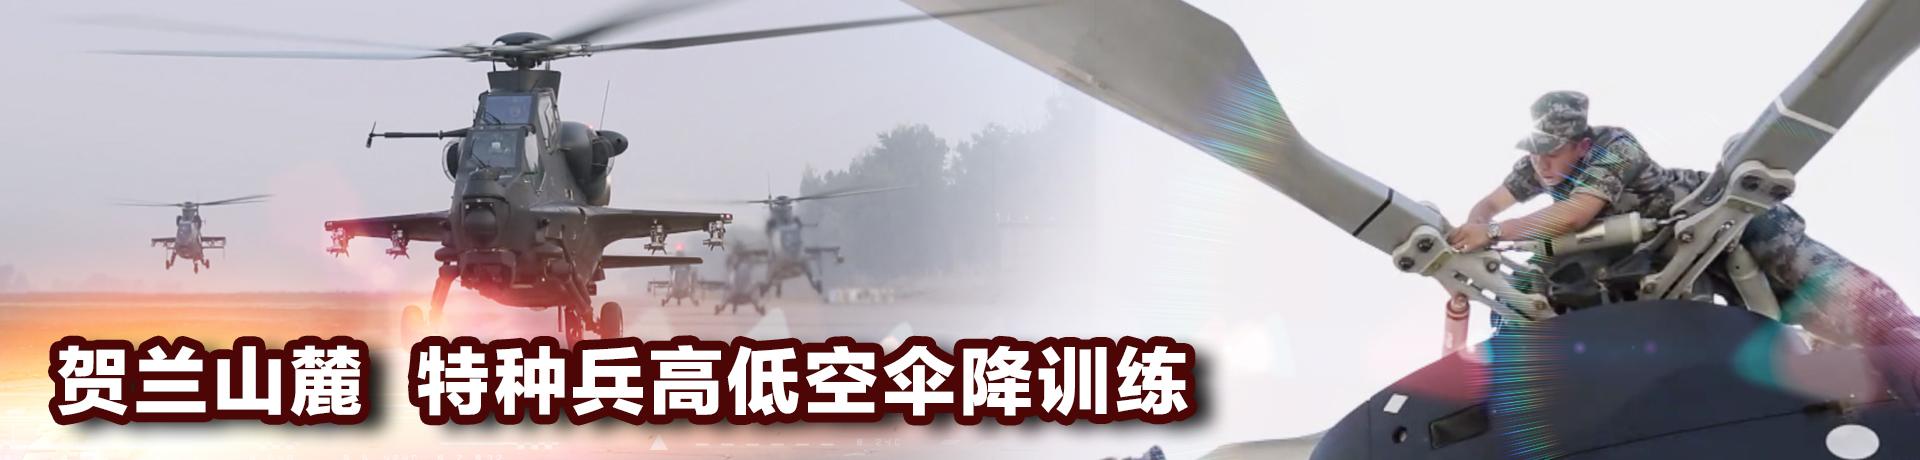 贺兰山麓 特种兵高低空伞降训练